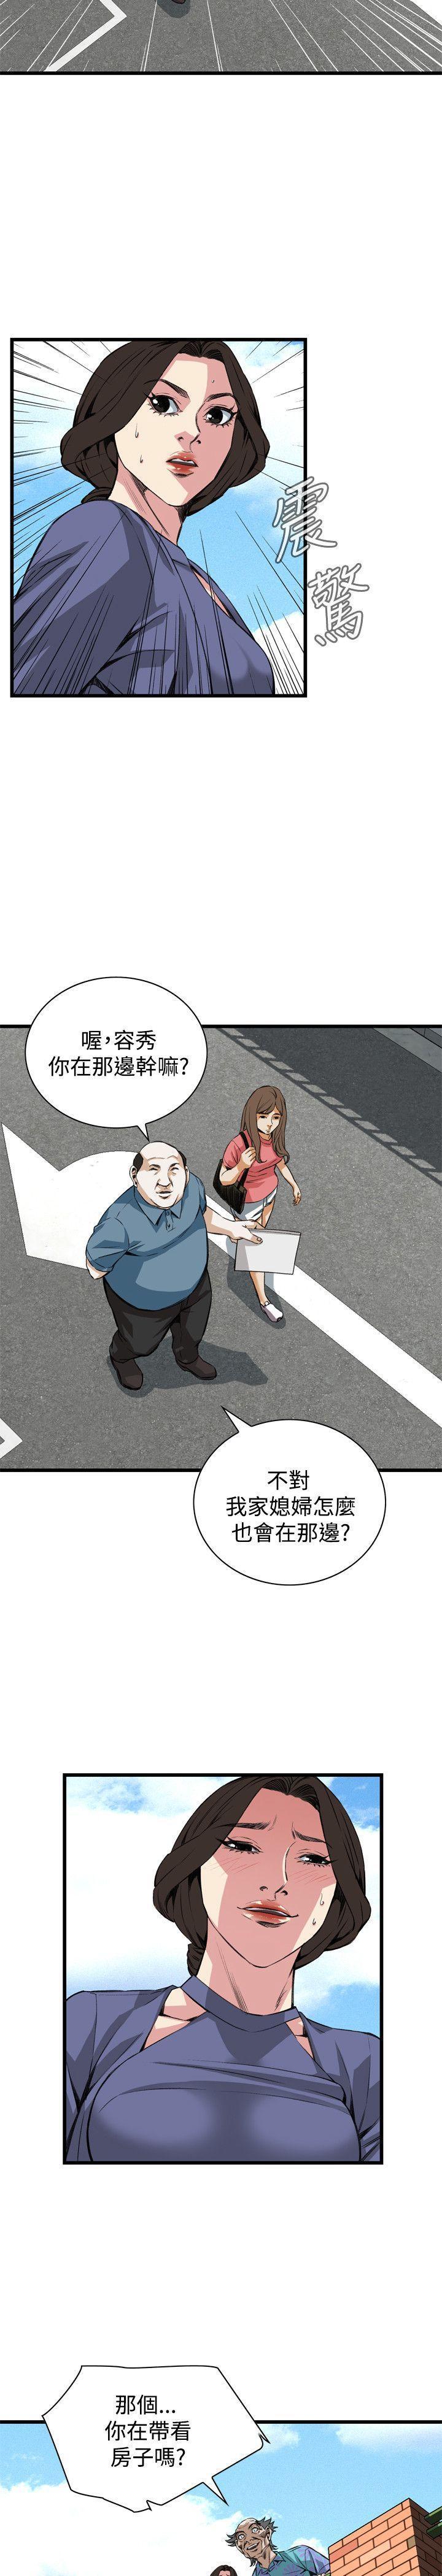 偷窥72-93 Chinese Rsiky 135